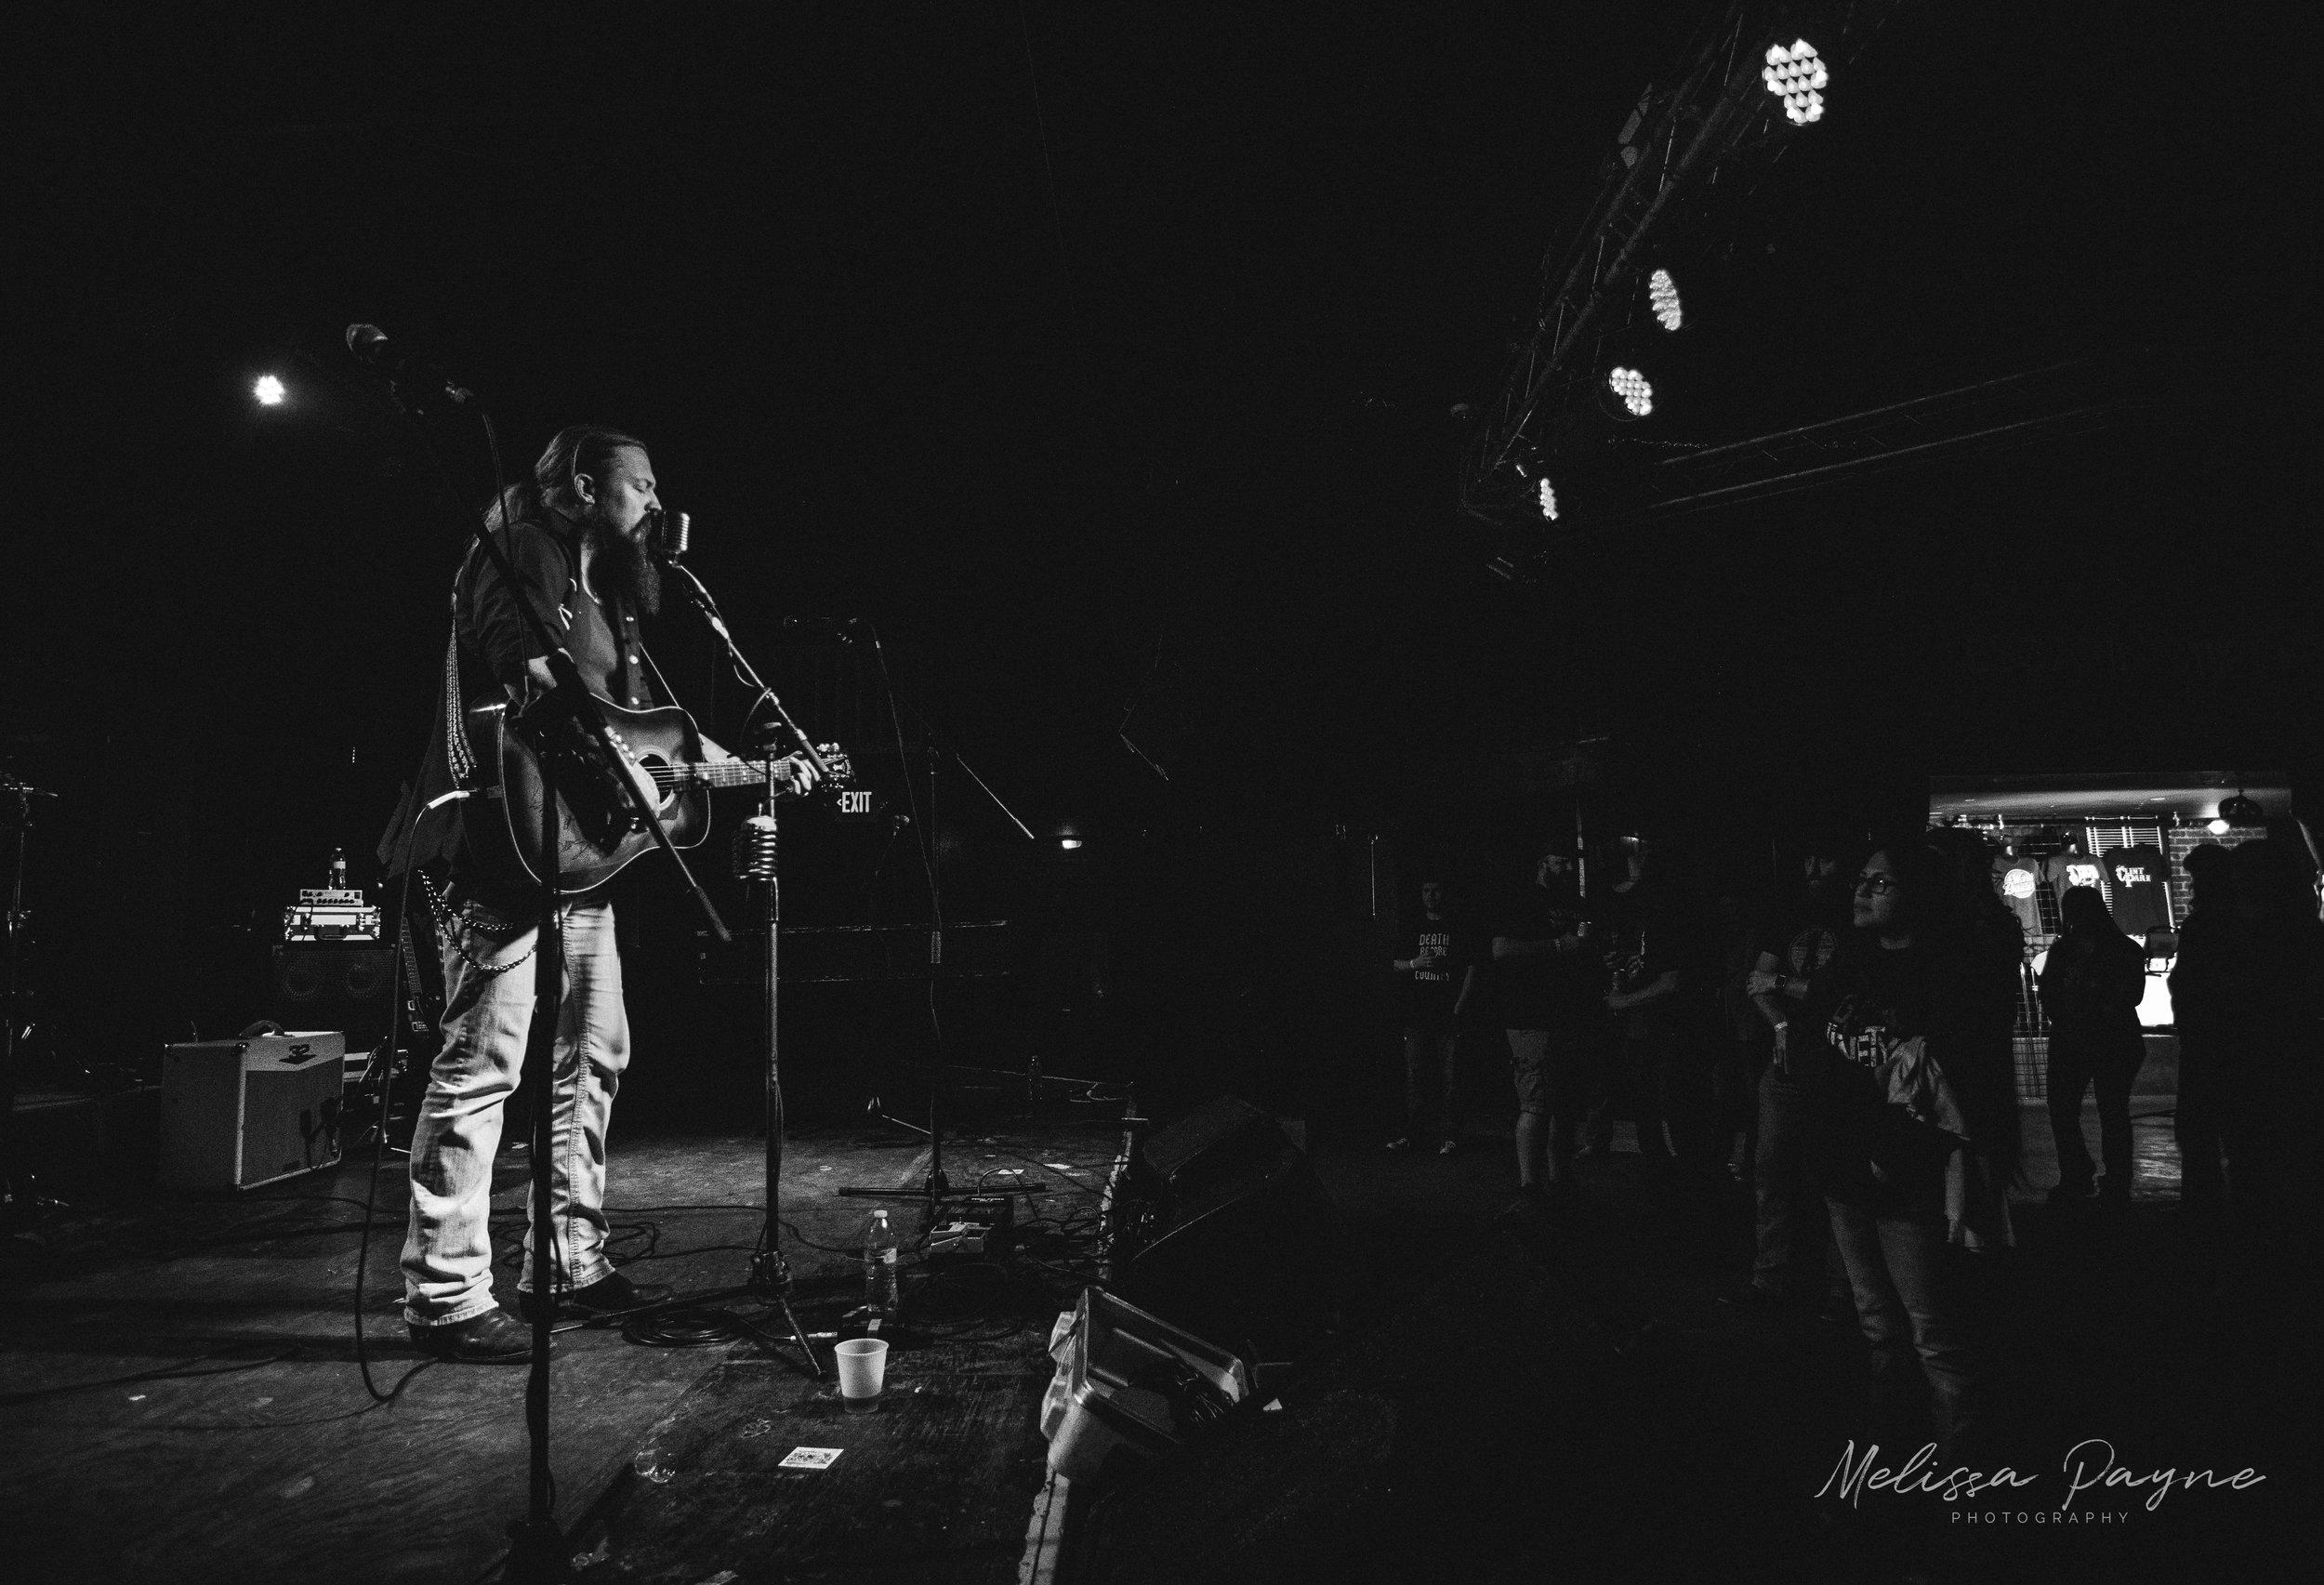 Photo courtesy of Melissa Payne Photography